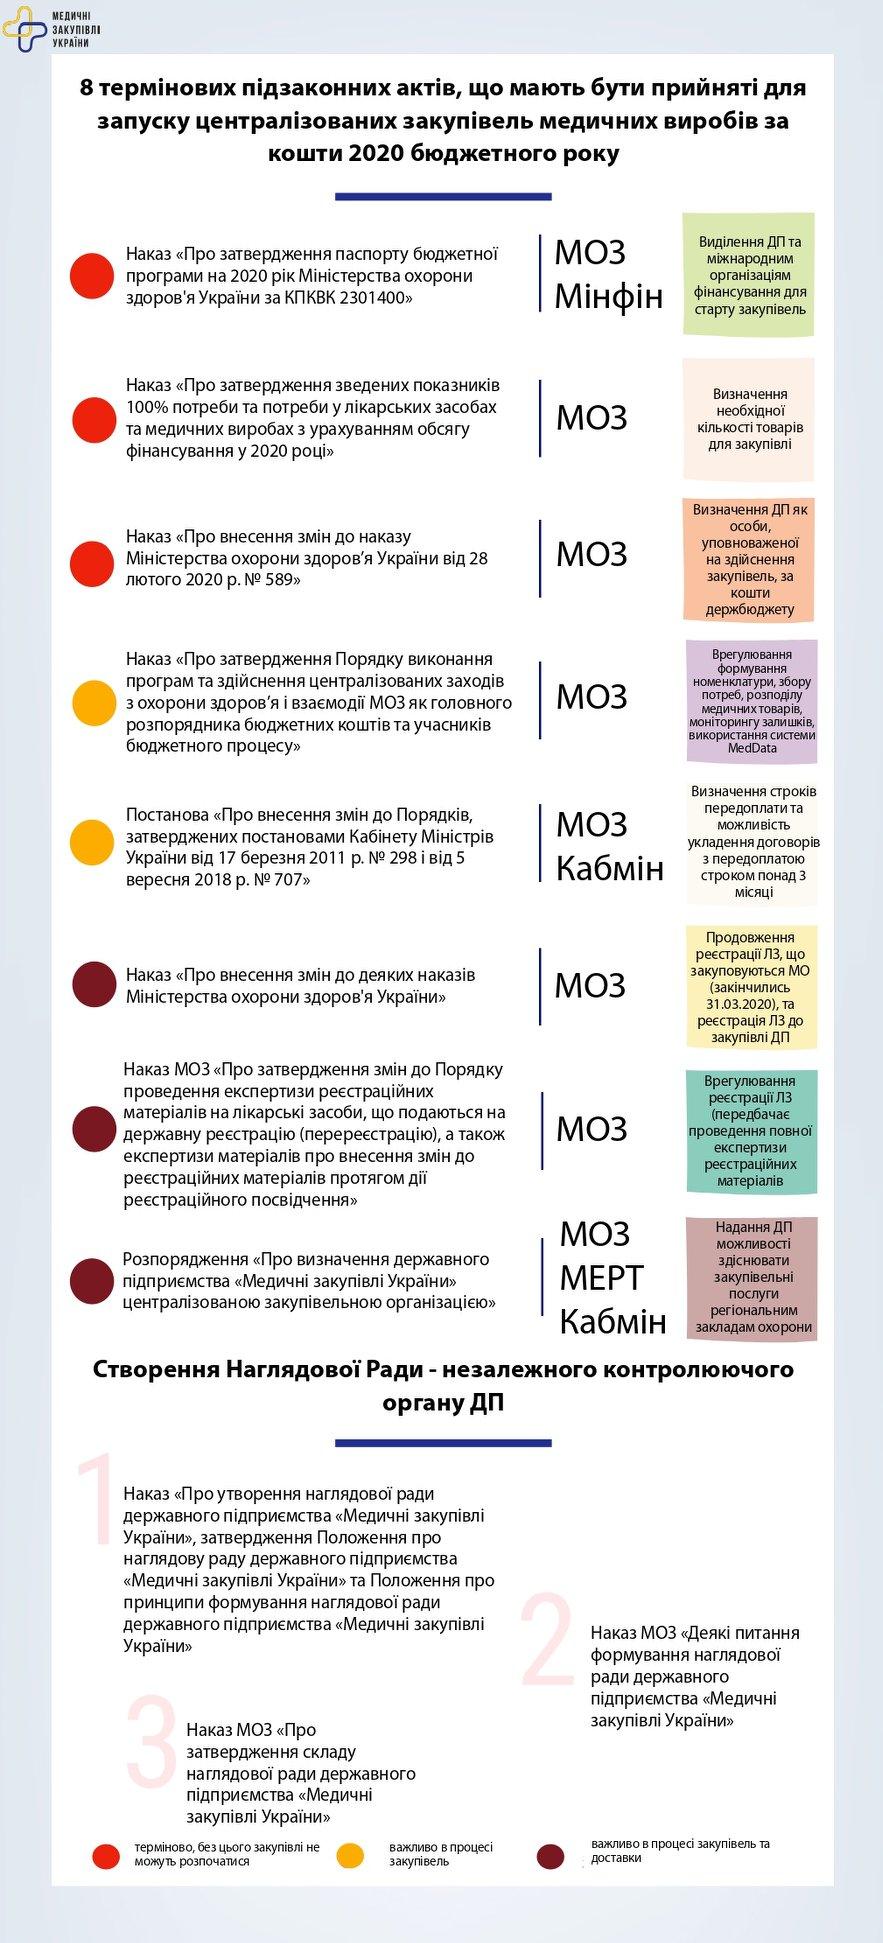 Украина еще не начала закупку лекарств. Кто в смертельной опасности, а кто заработает